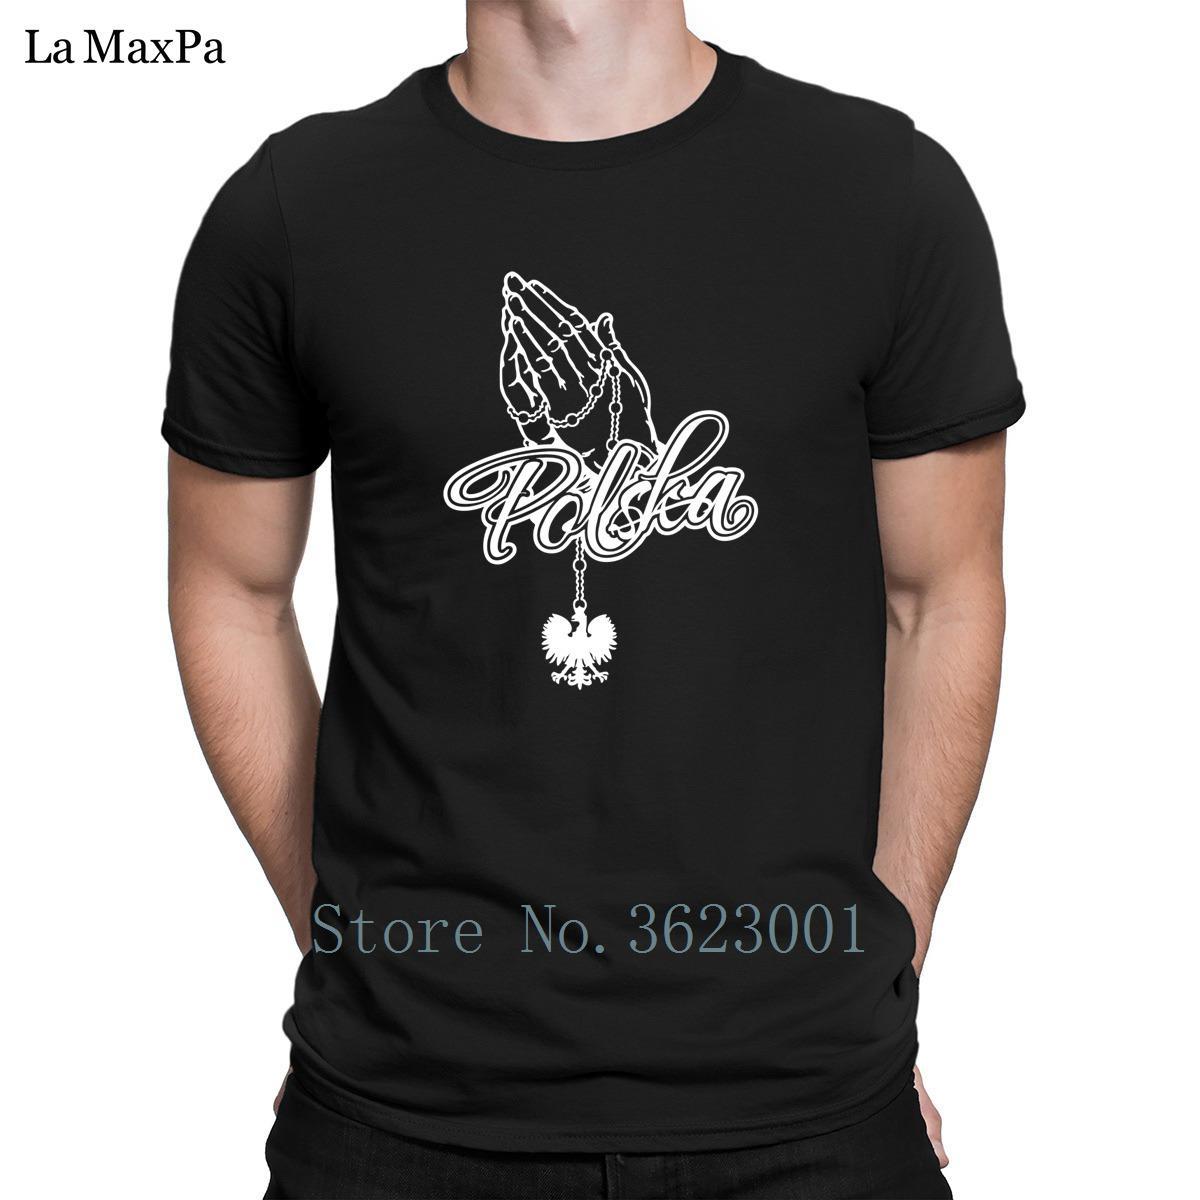 Divertido Casual Formal T camisa masculina rogación de las manos Polska básica de la camiseta para los hombres Gran Slim Fit Hombres camiseta de algodón Camiseta T-Top